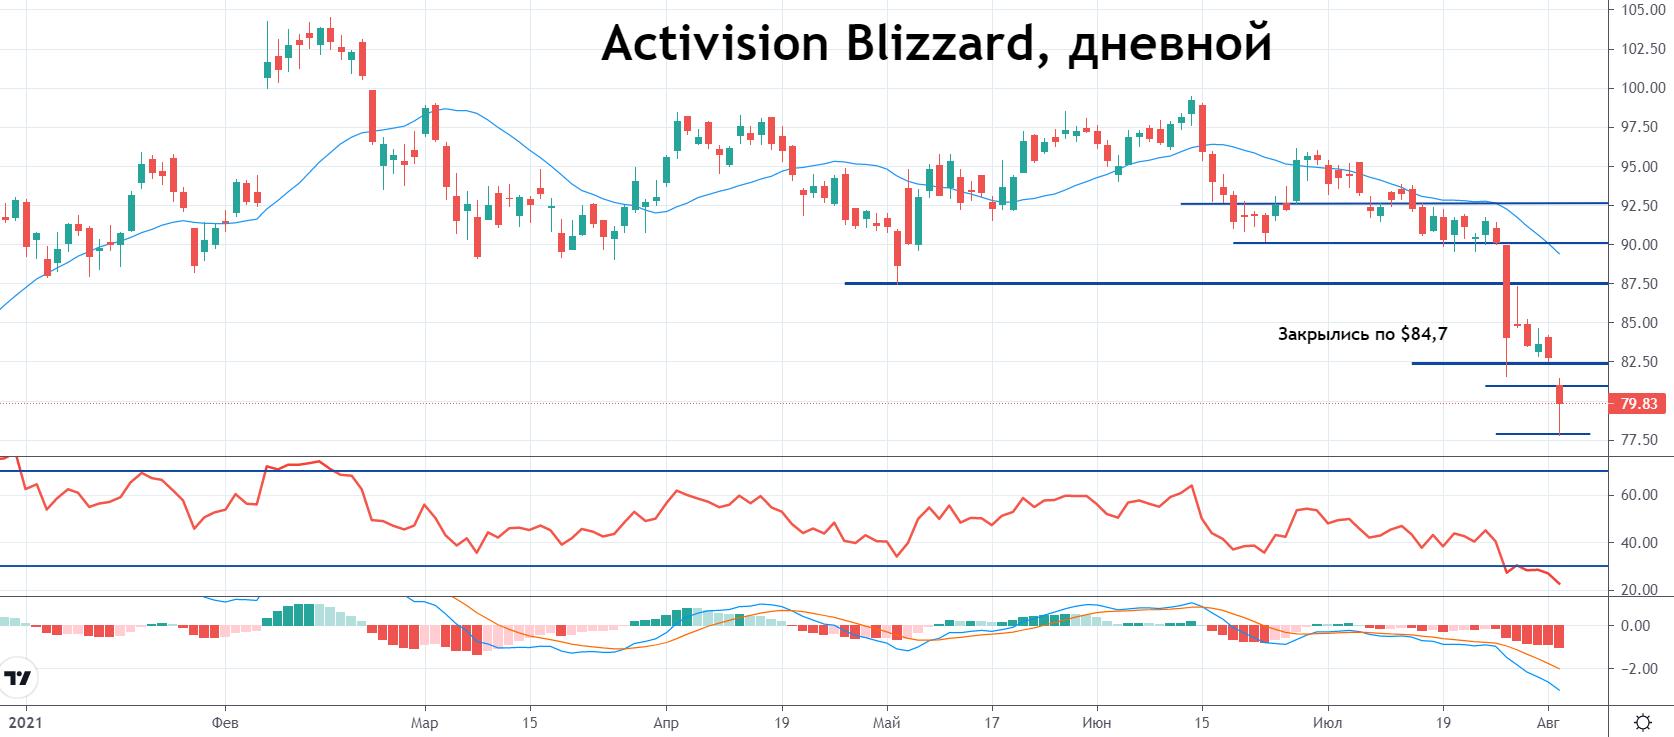 Акции Activision Blizzard начали восстанавливаться после публикации оптимистичного отчета